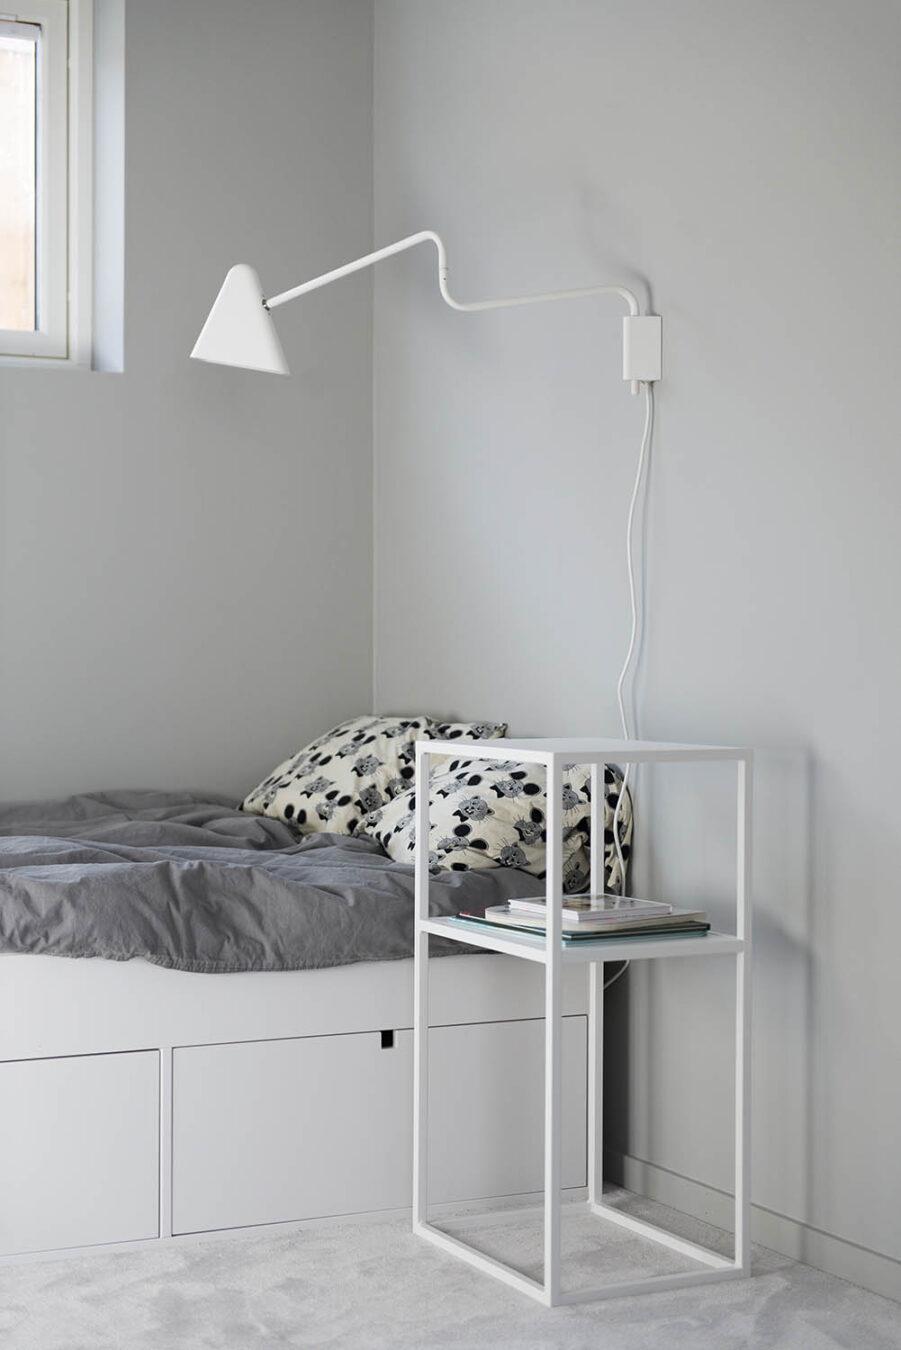 Design Of sängbord i vitt.